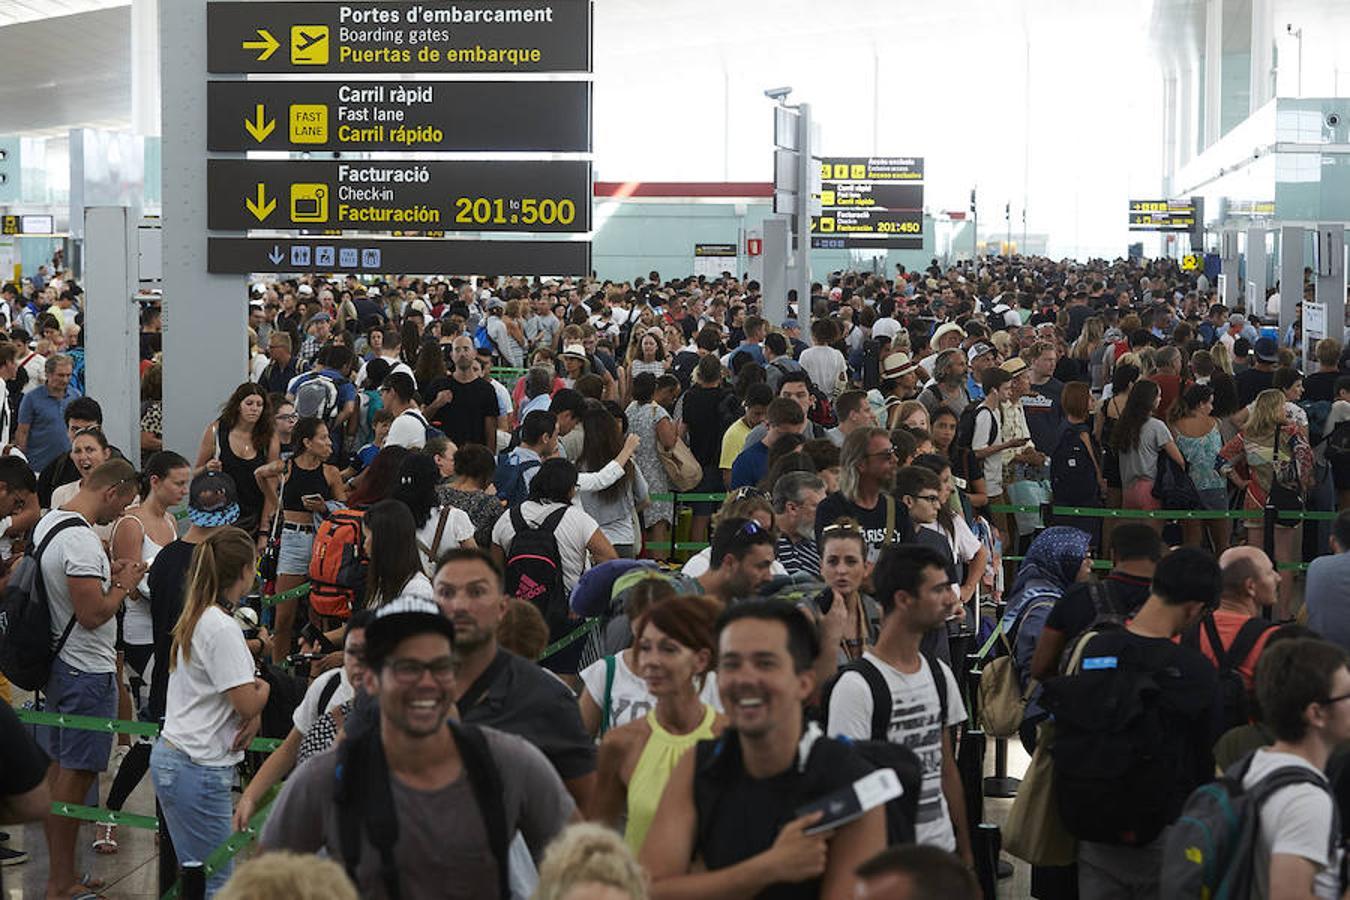 Las colas para acceder al control de seguridad del Aeropuerto de Barcelona-El Prat superan la hora de duración, debido a los paros que llevan a cabo los trabajadores de Eulen, la empresa que gestiona este servicio